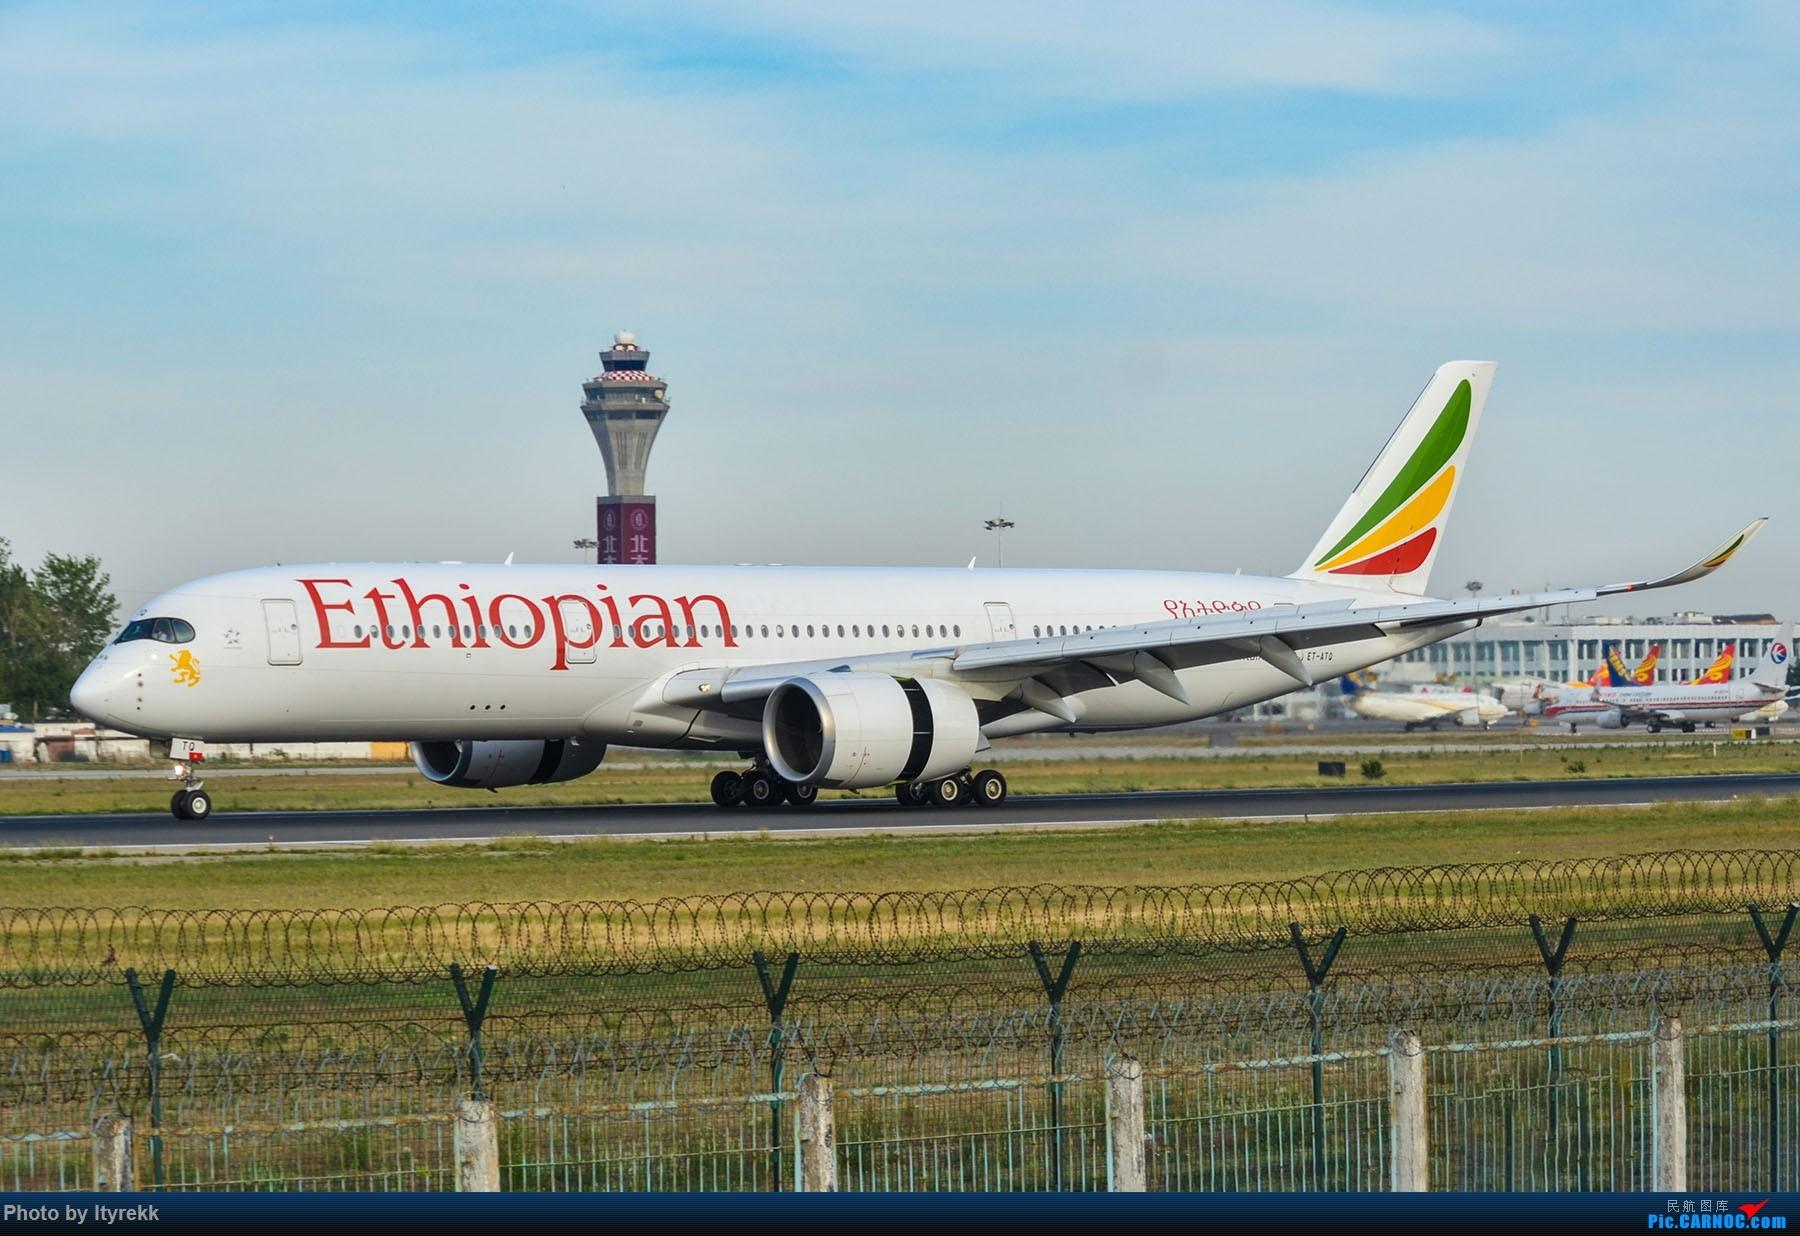 Re:[原创]很久没有发图了。PEK二十里铺的一下午 AIRBUS A350-900 ET-ATQ 中国北京首都国际机场